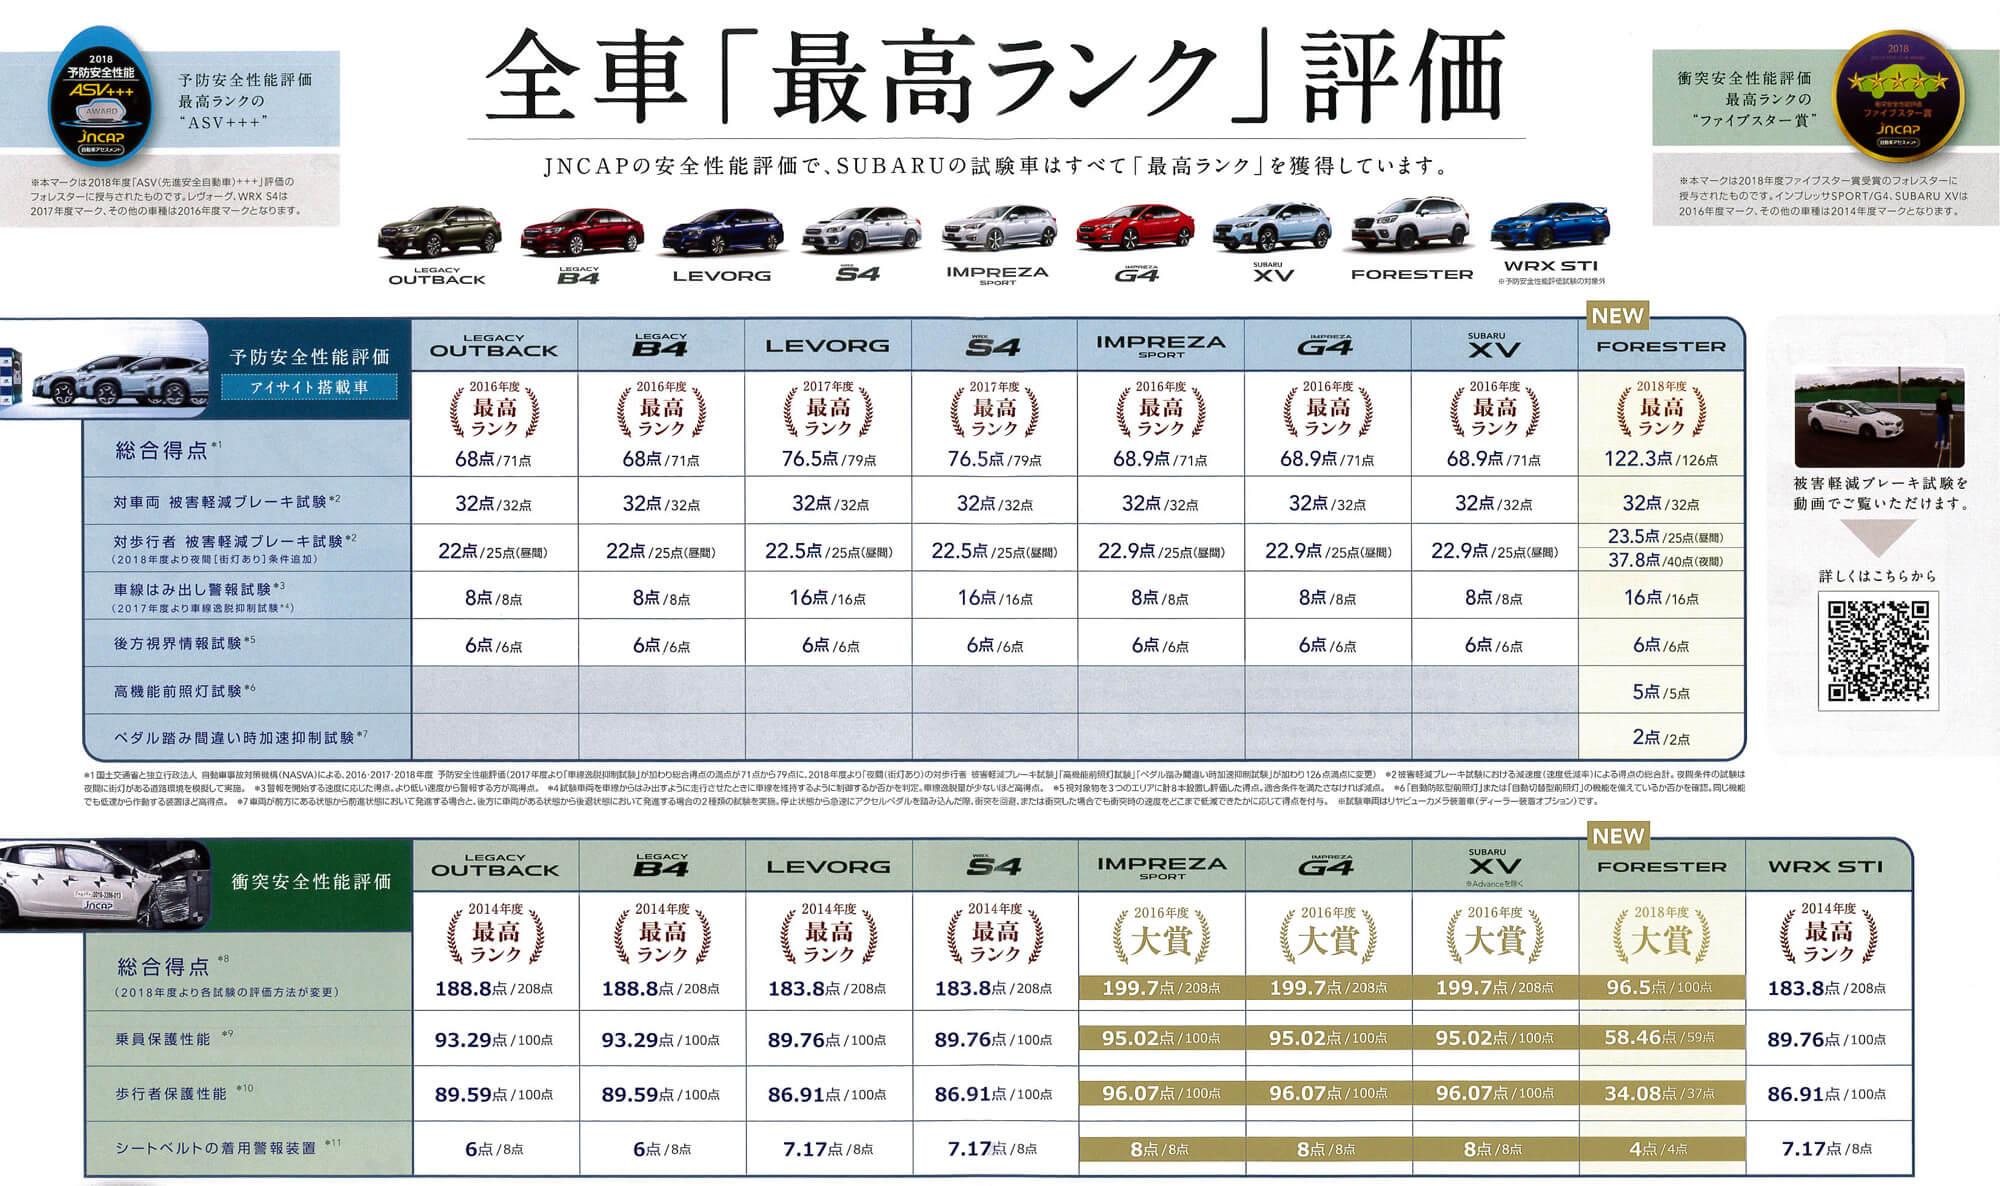 安全運転性能スバル全車最高ランク評価